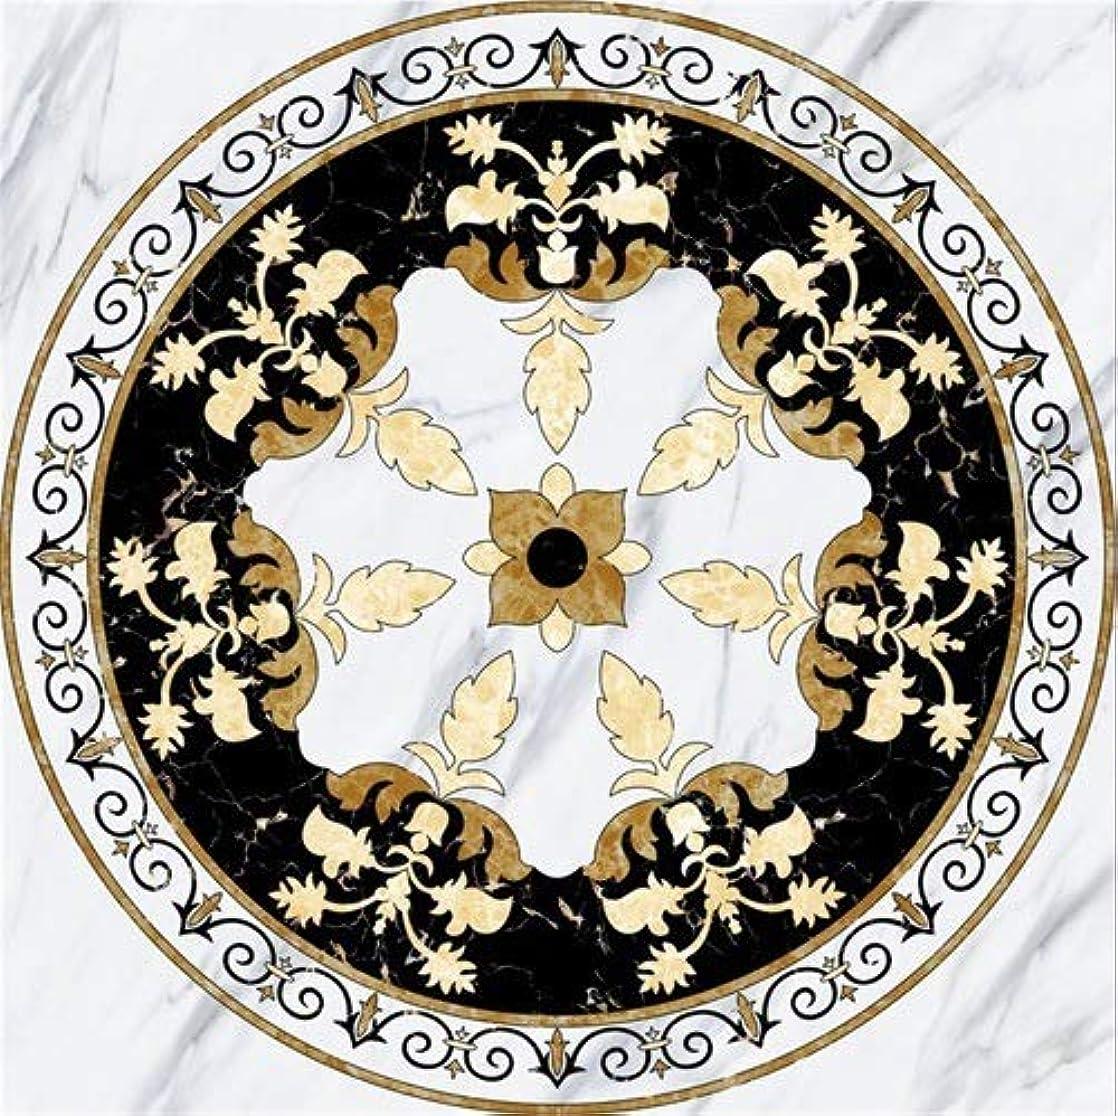 コックうがい一瞬柔道 投げ込み マット 中古 ラグ 130 140フロア マット 掃除 50X50CM 古典的な中国の龍鳳凰コンチネンタル3D立体国花広場リビングルームクラシック正方形